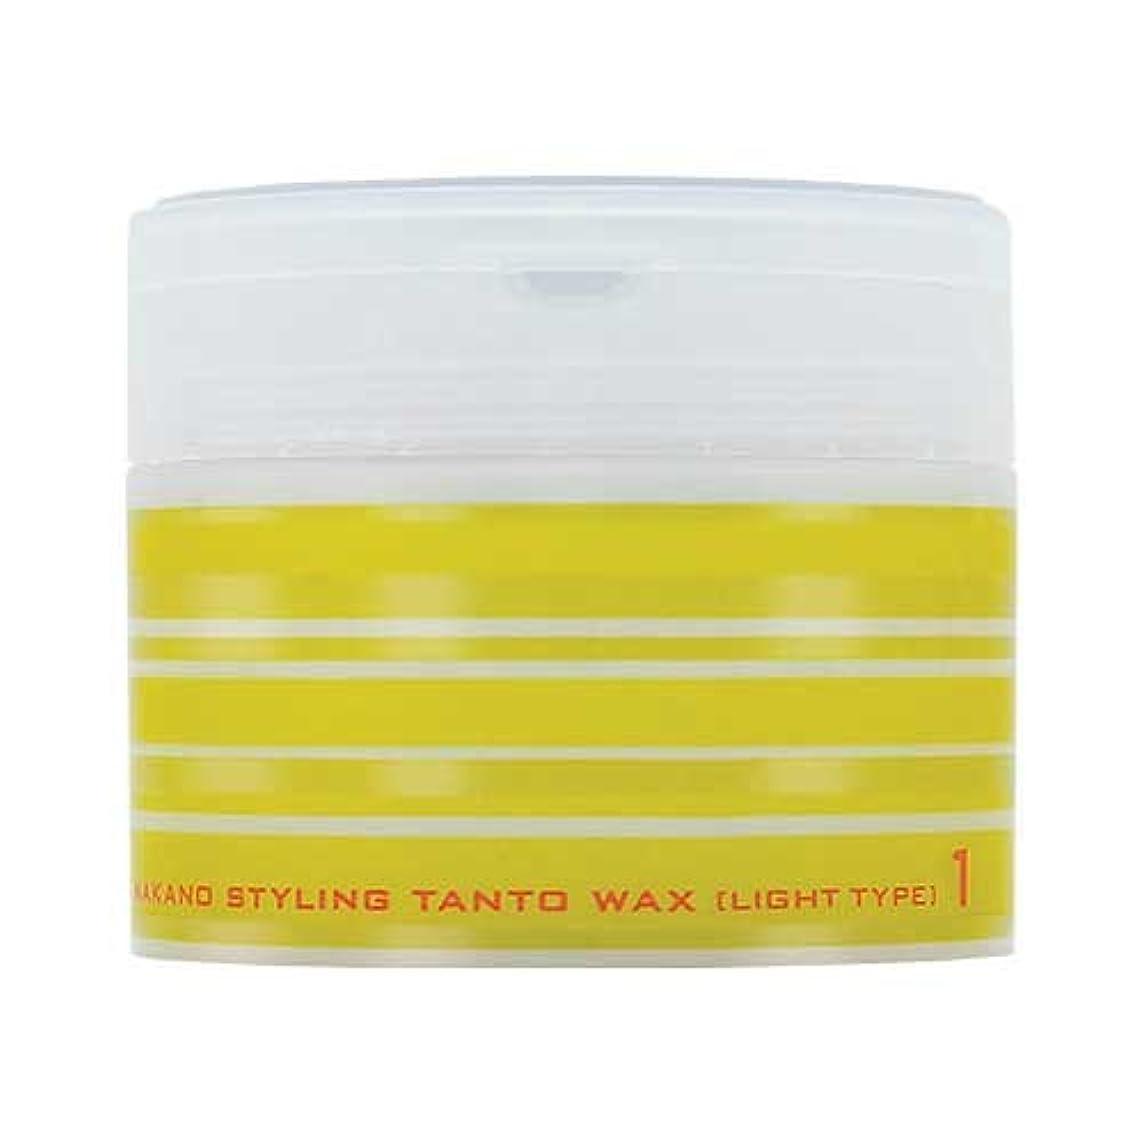 微視的ネスト寄託ナカノ スタイリング タントN ワックス 1 ライトタイプ 90g 中野製薬 NAKANO